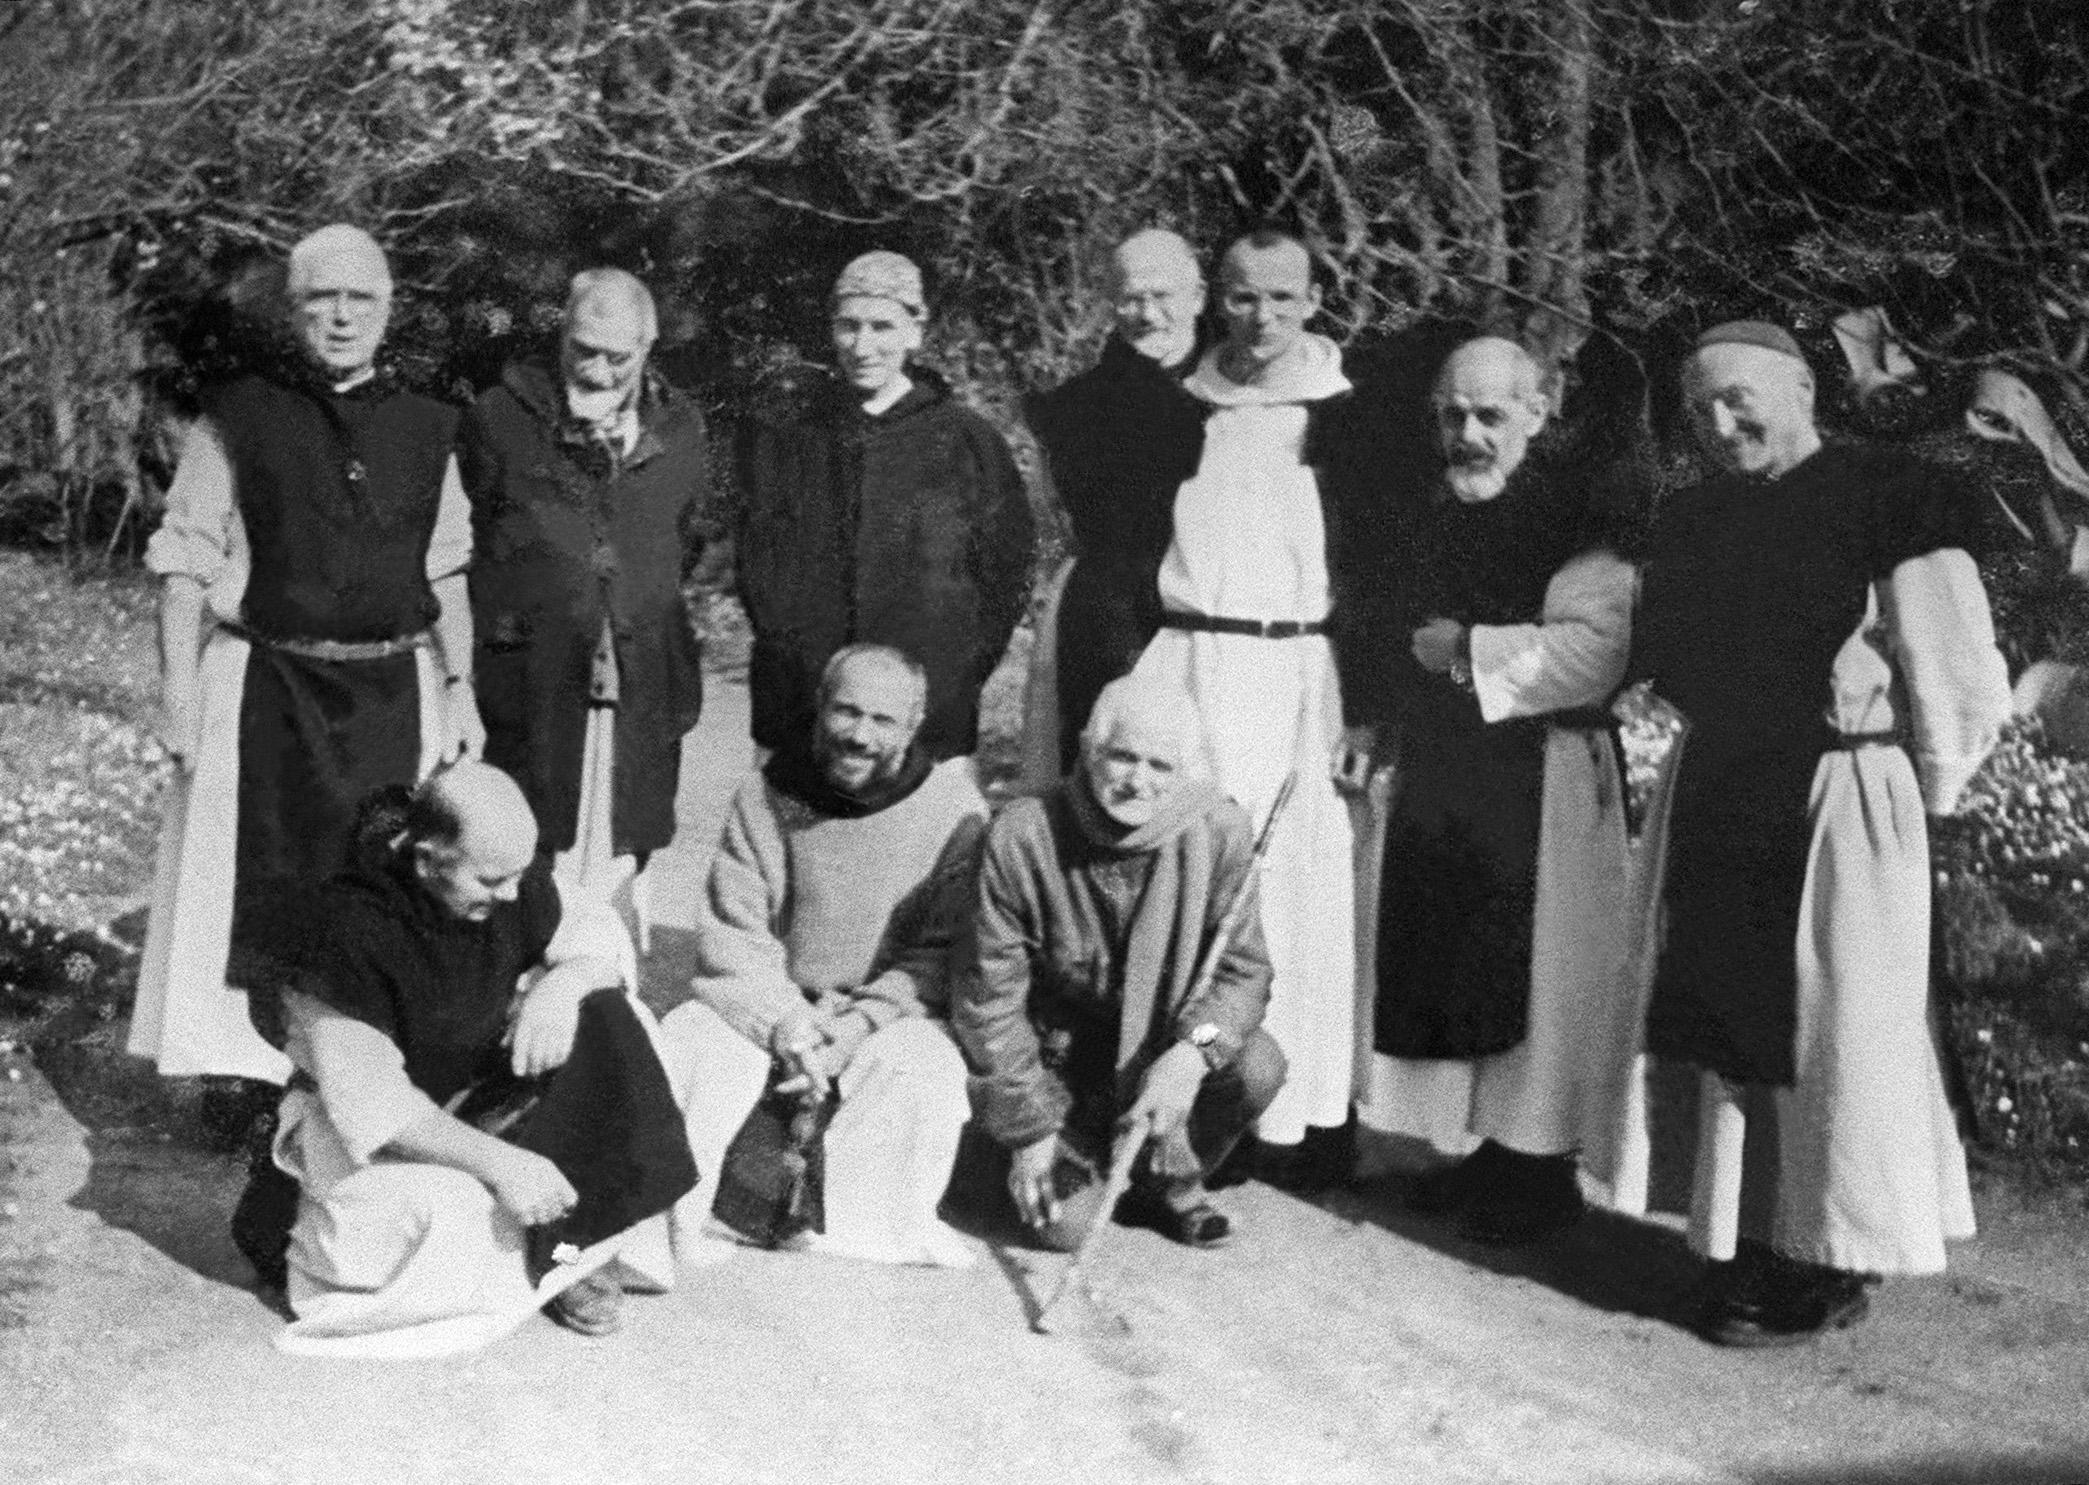 صورة لرهبان تيبحيرين الذين قتل المتطرفون سبعة منهم (أرشيف)